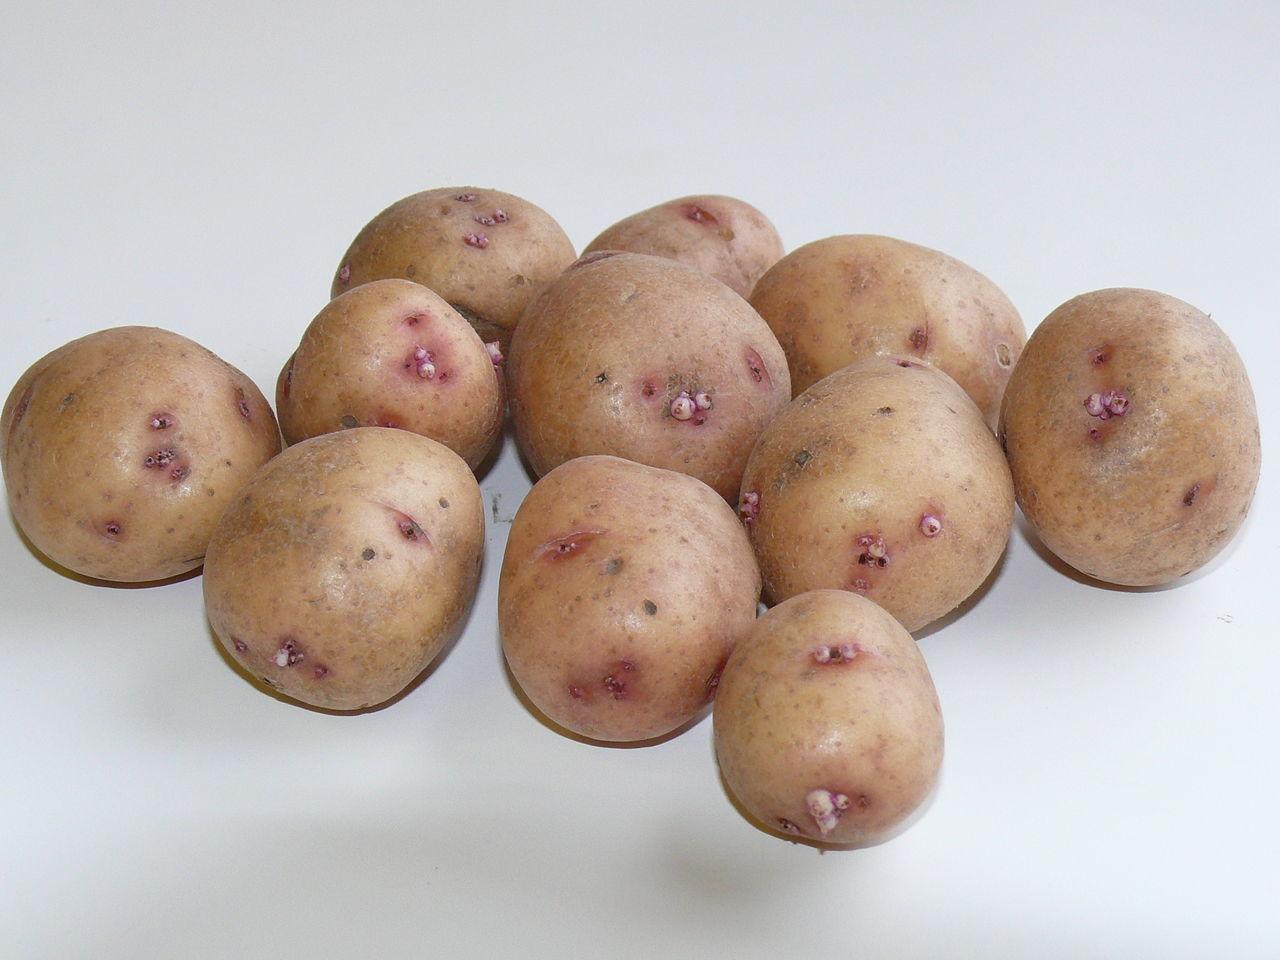 сорта картофеля фото и названия которого